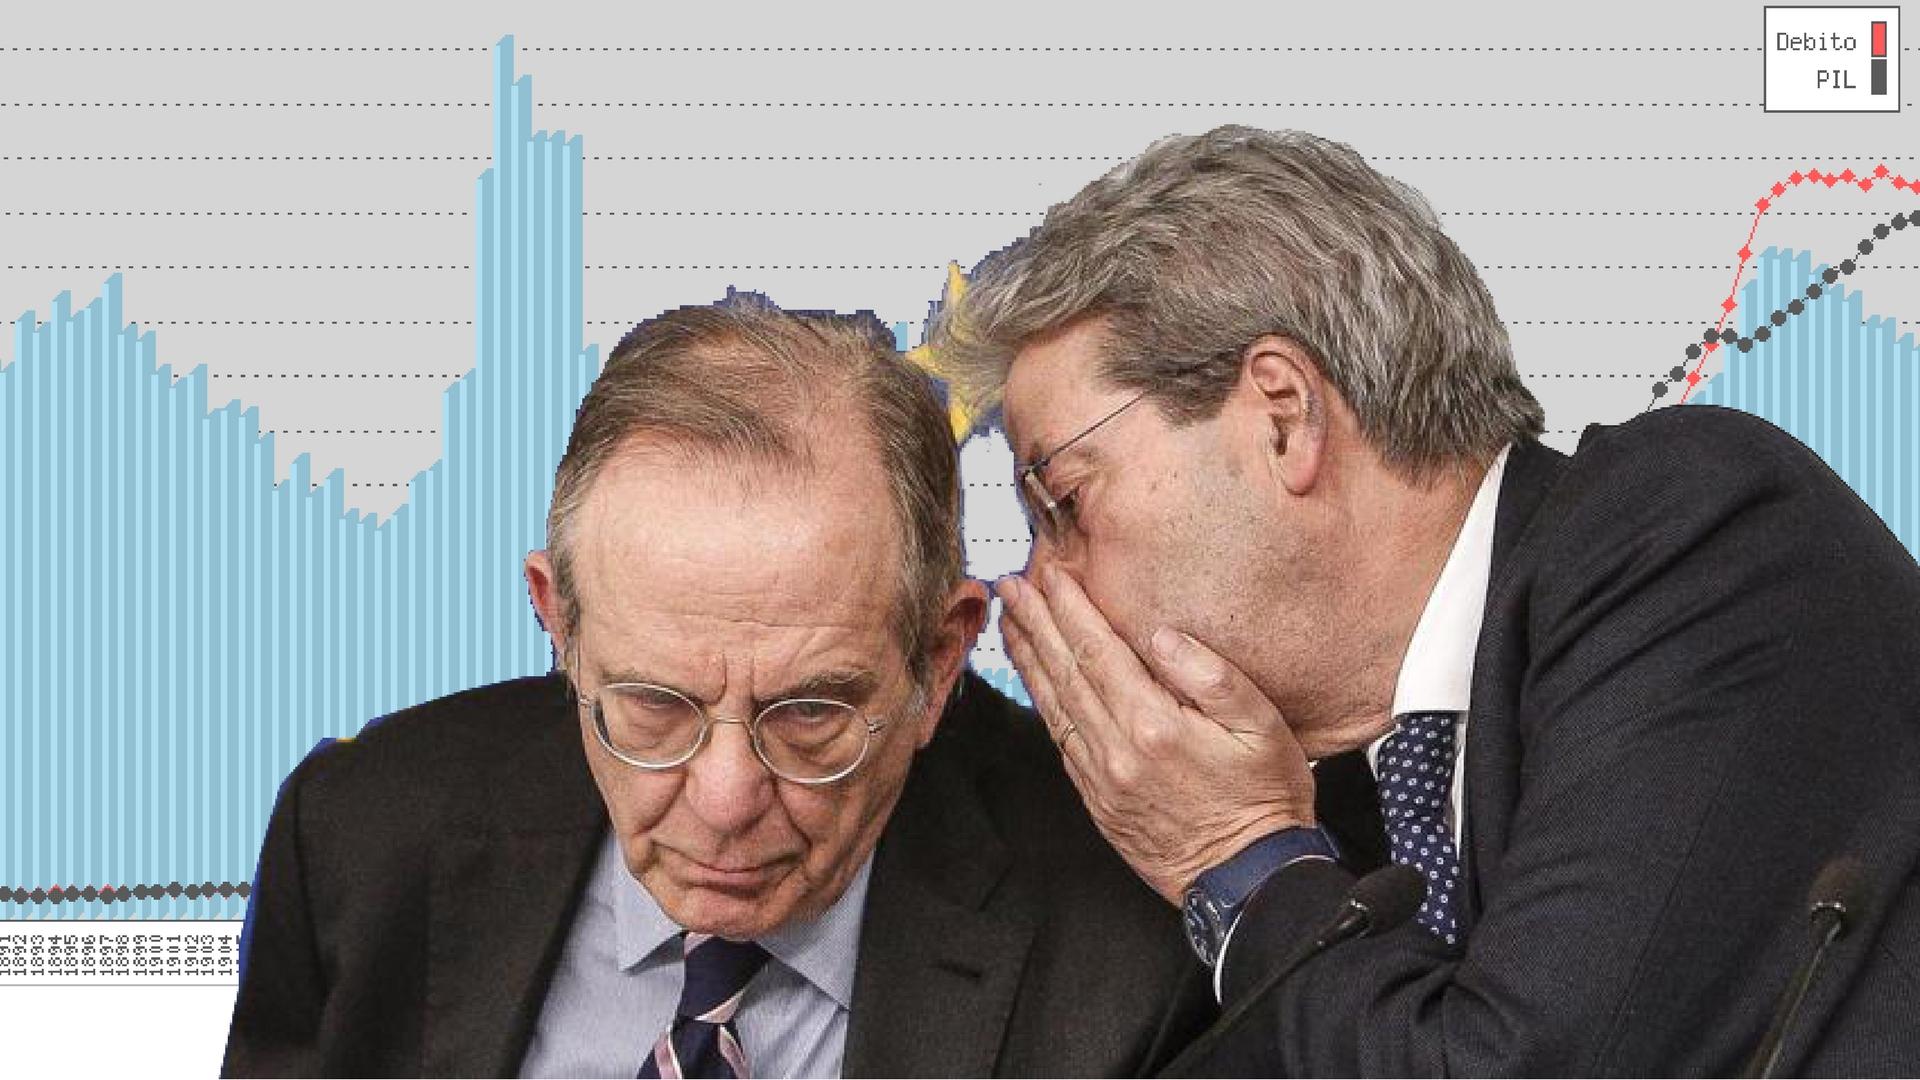 Debito pubblico sale, debito pubblico scende